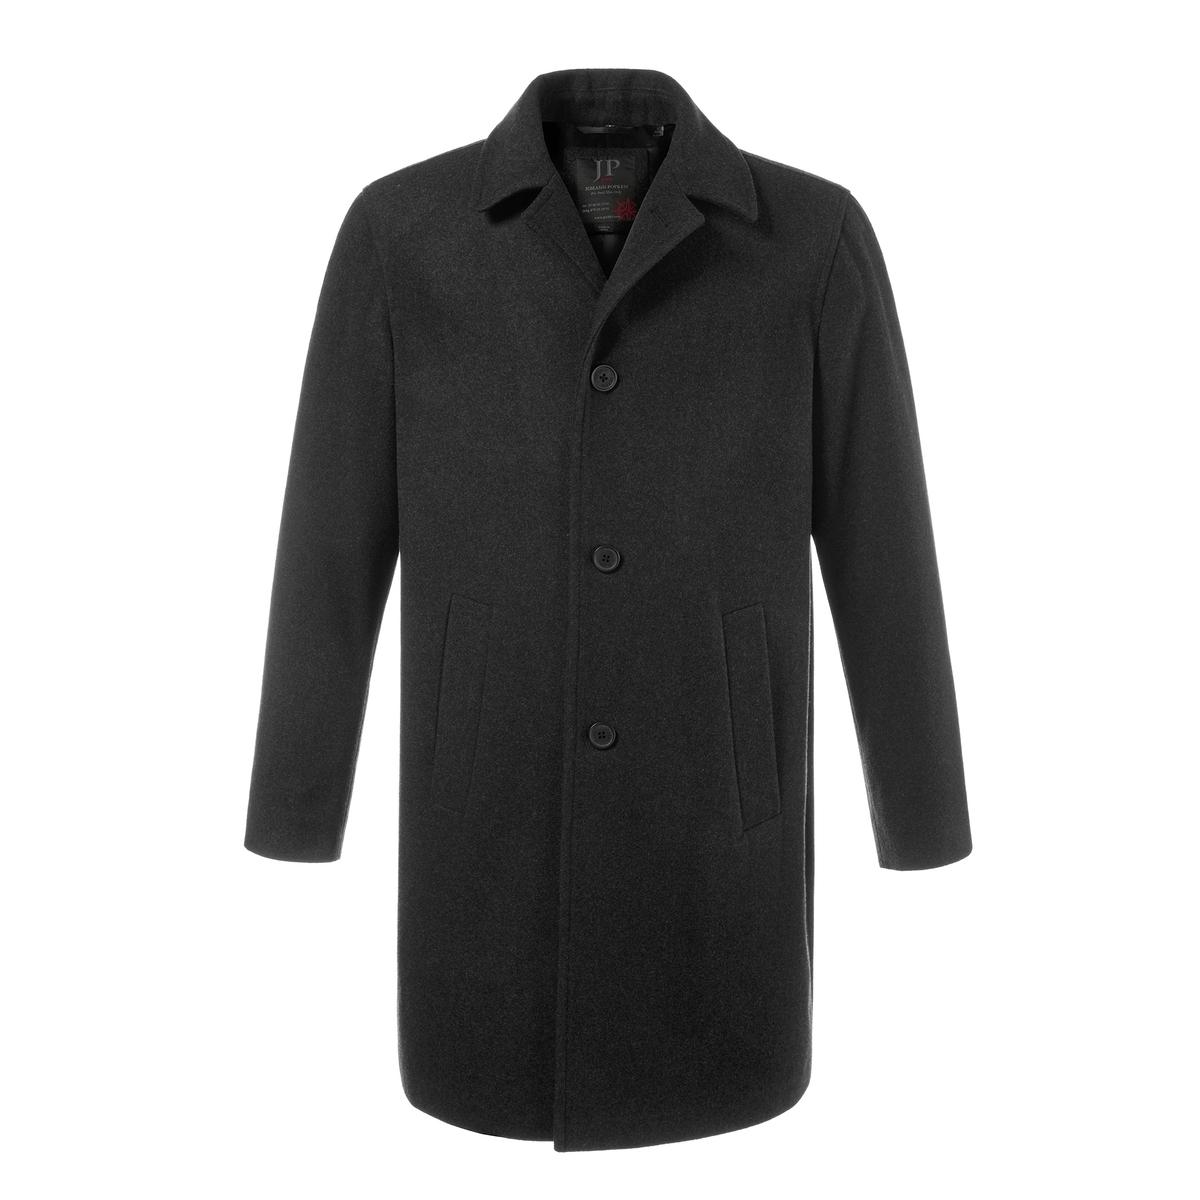 Пальто 50% шерстиПальто из шерсти JP1880. 50% шерсти, 50% полиэстера.. Подкладка: 100% полиэстер. Шерсть высокого качества, отвороты, пуговицы и 2 кармана . Разрез сзади, подкладка с карманами . Длина в зависимости от размера 97 - 106 см .<br><br>Цвет: черный<br>Размер: 6XL